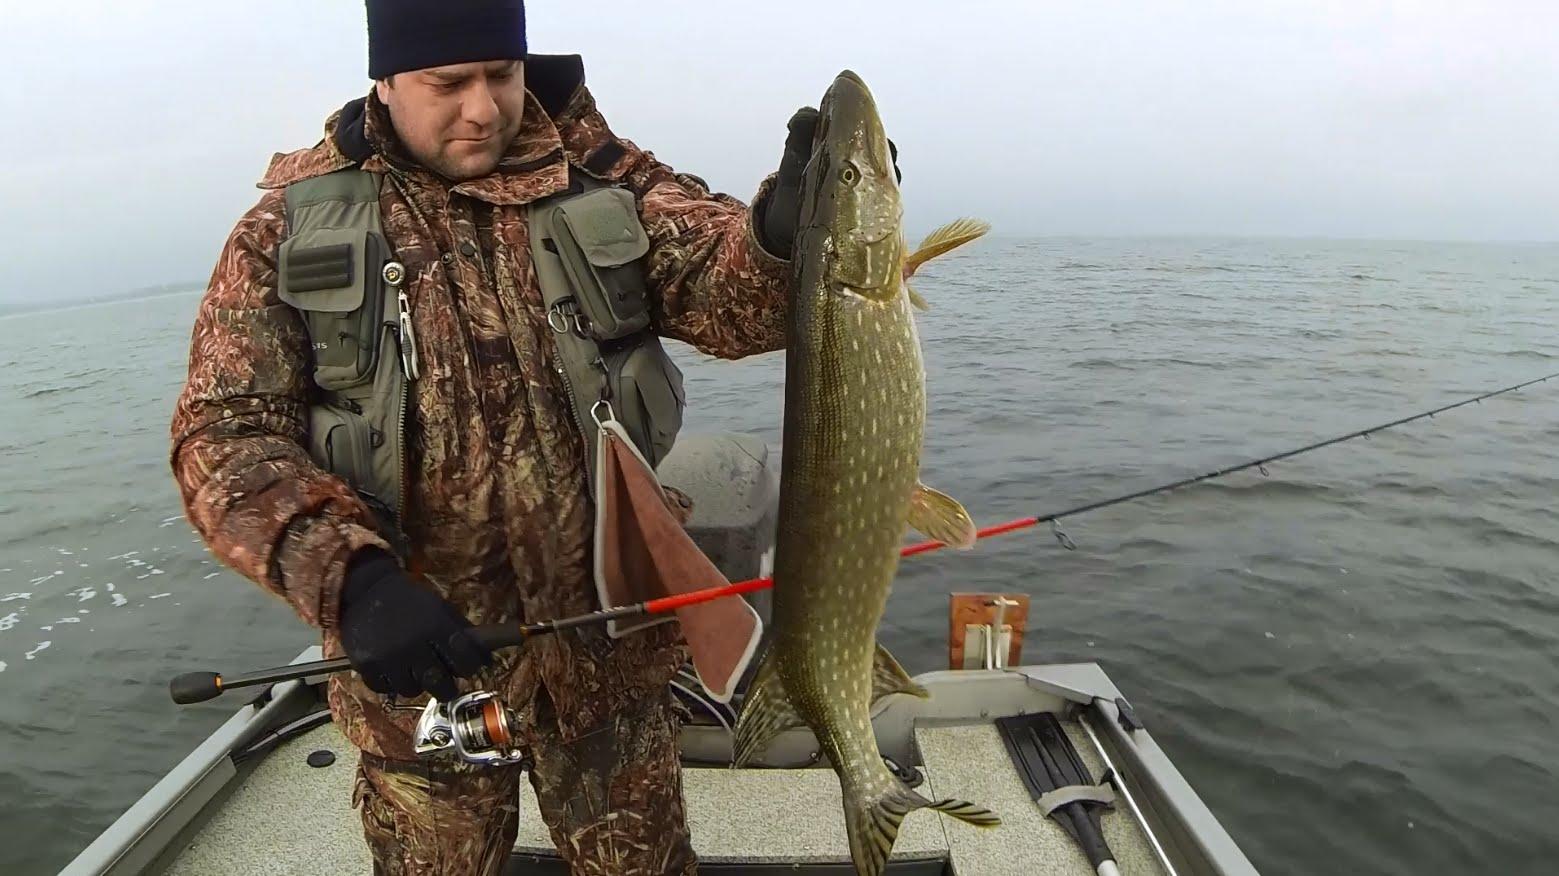 Рыбак в лодке с рыбой